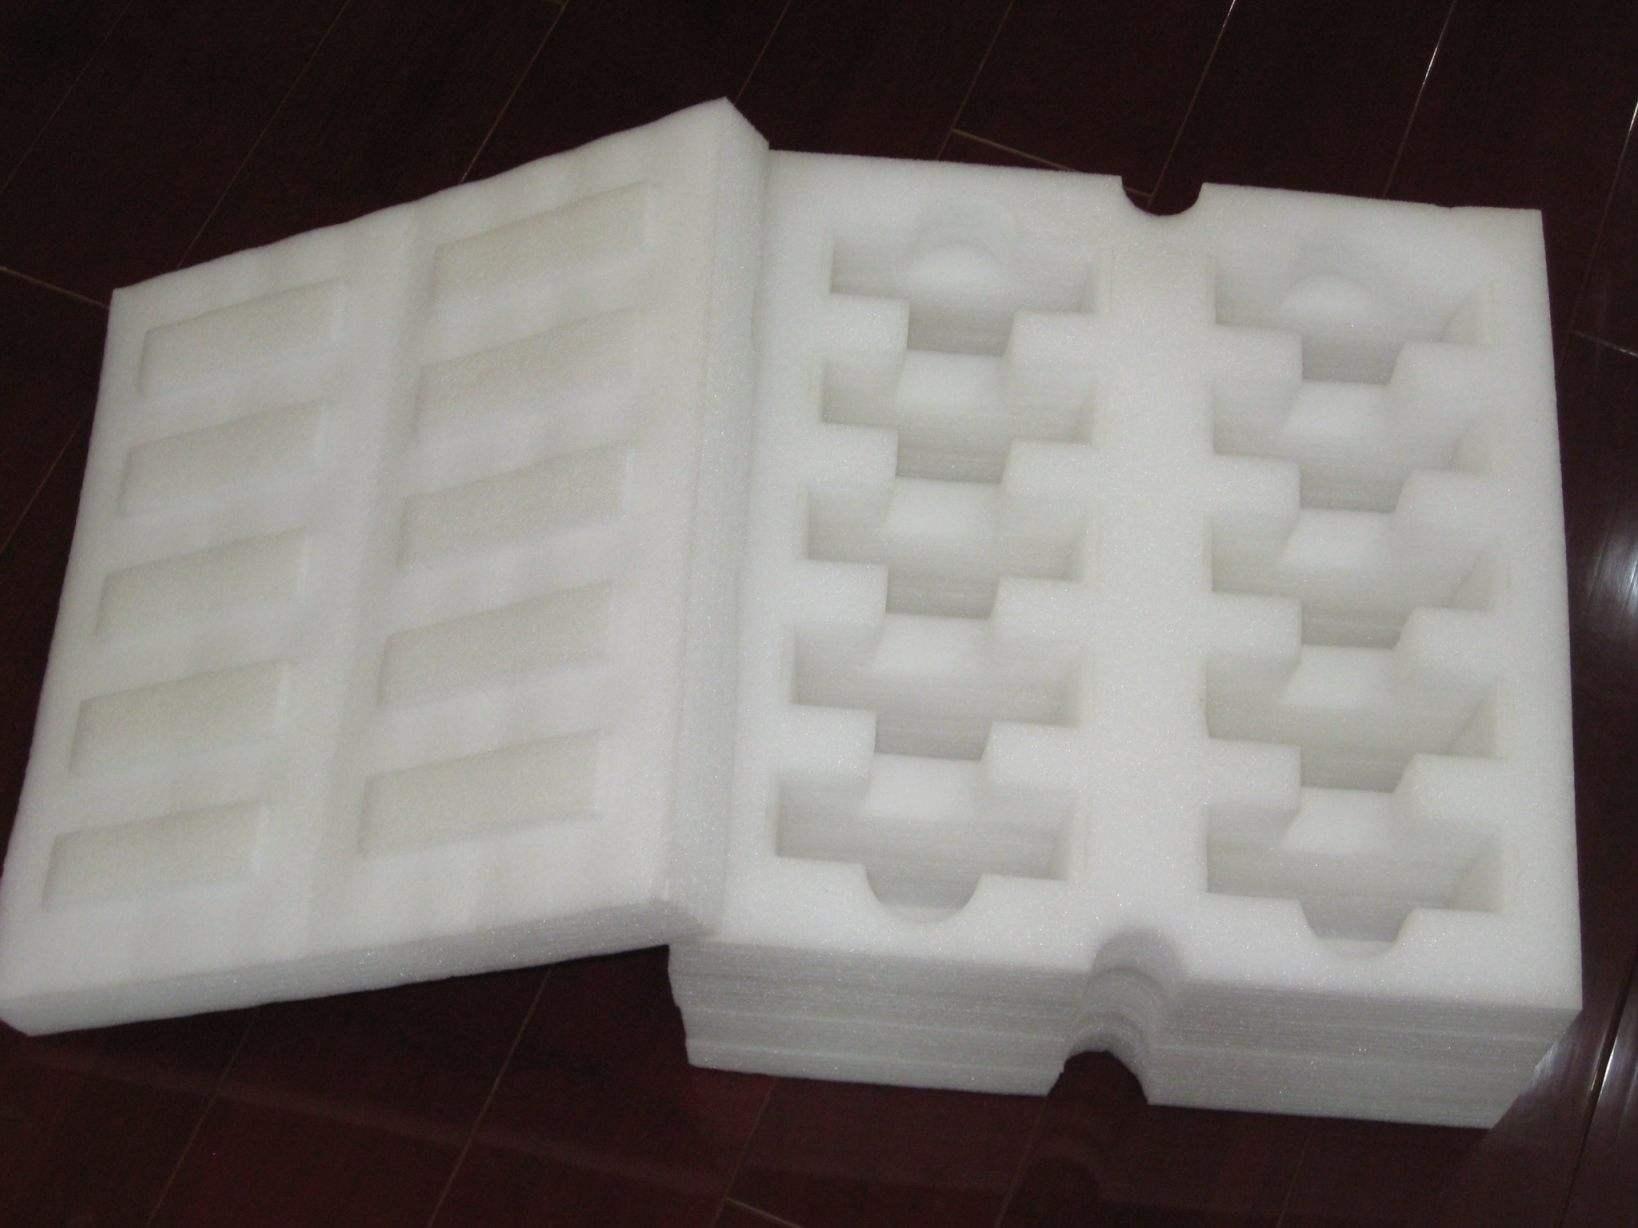 水果包装之所以会选择使用珍珠棉材料,其中的原因是什么?